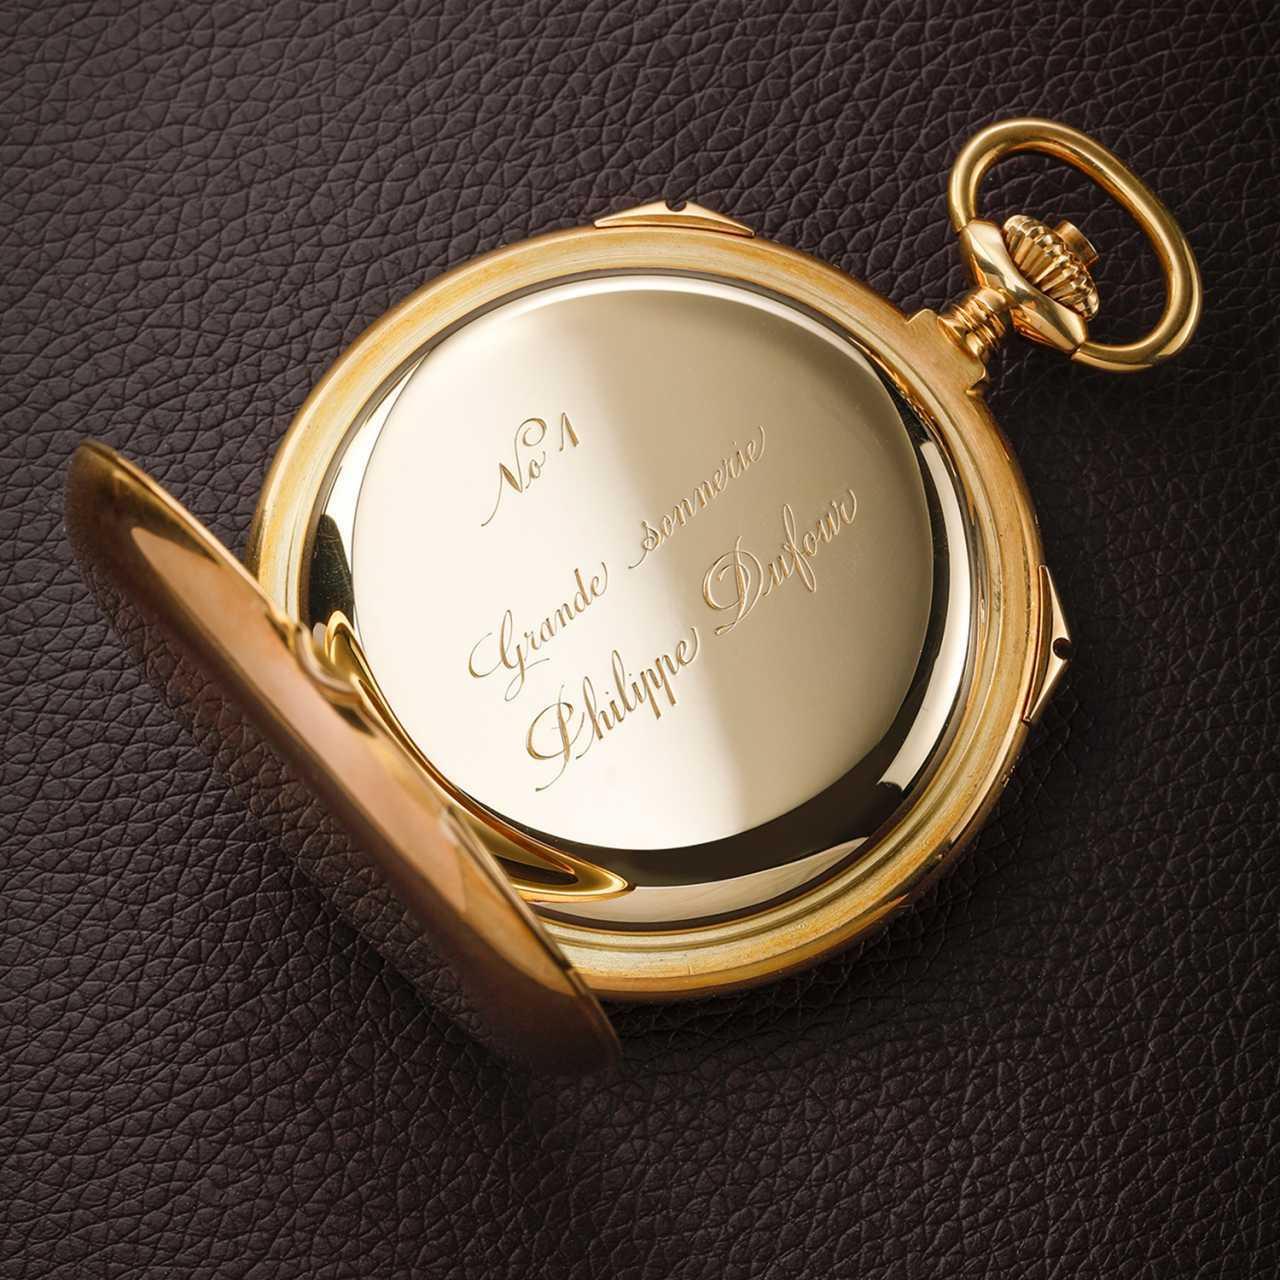 Philippe Dufour Grande & Petite Sonnerie Pocket Watch number 1 (Unique Piece)